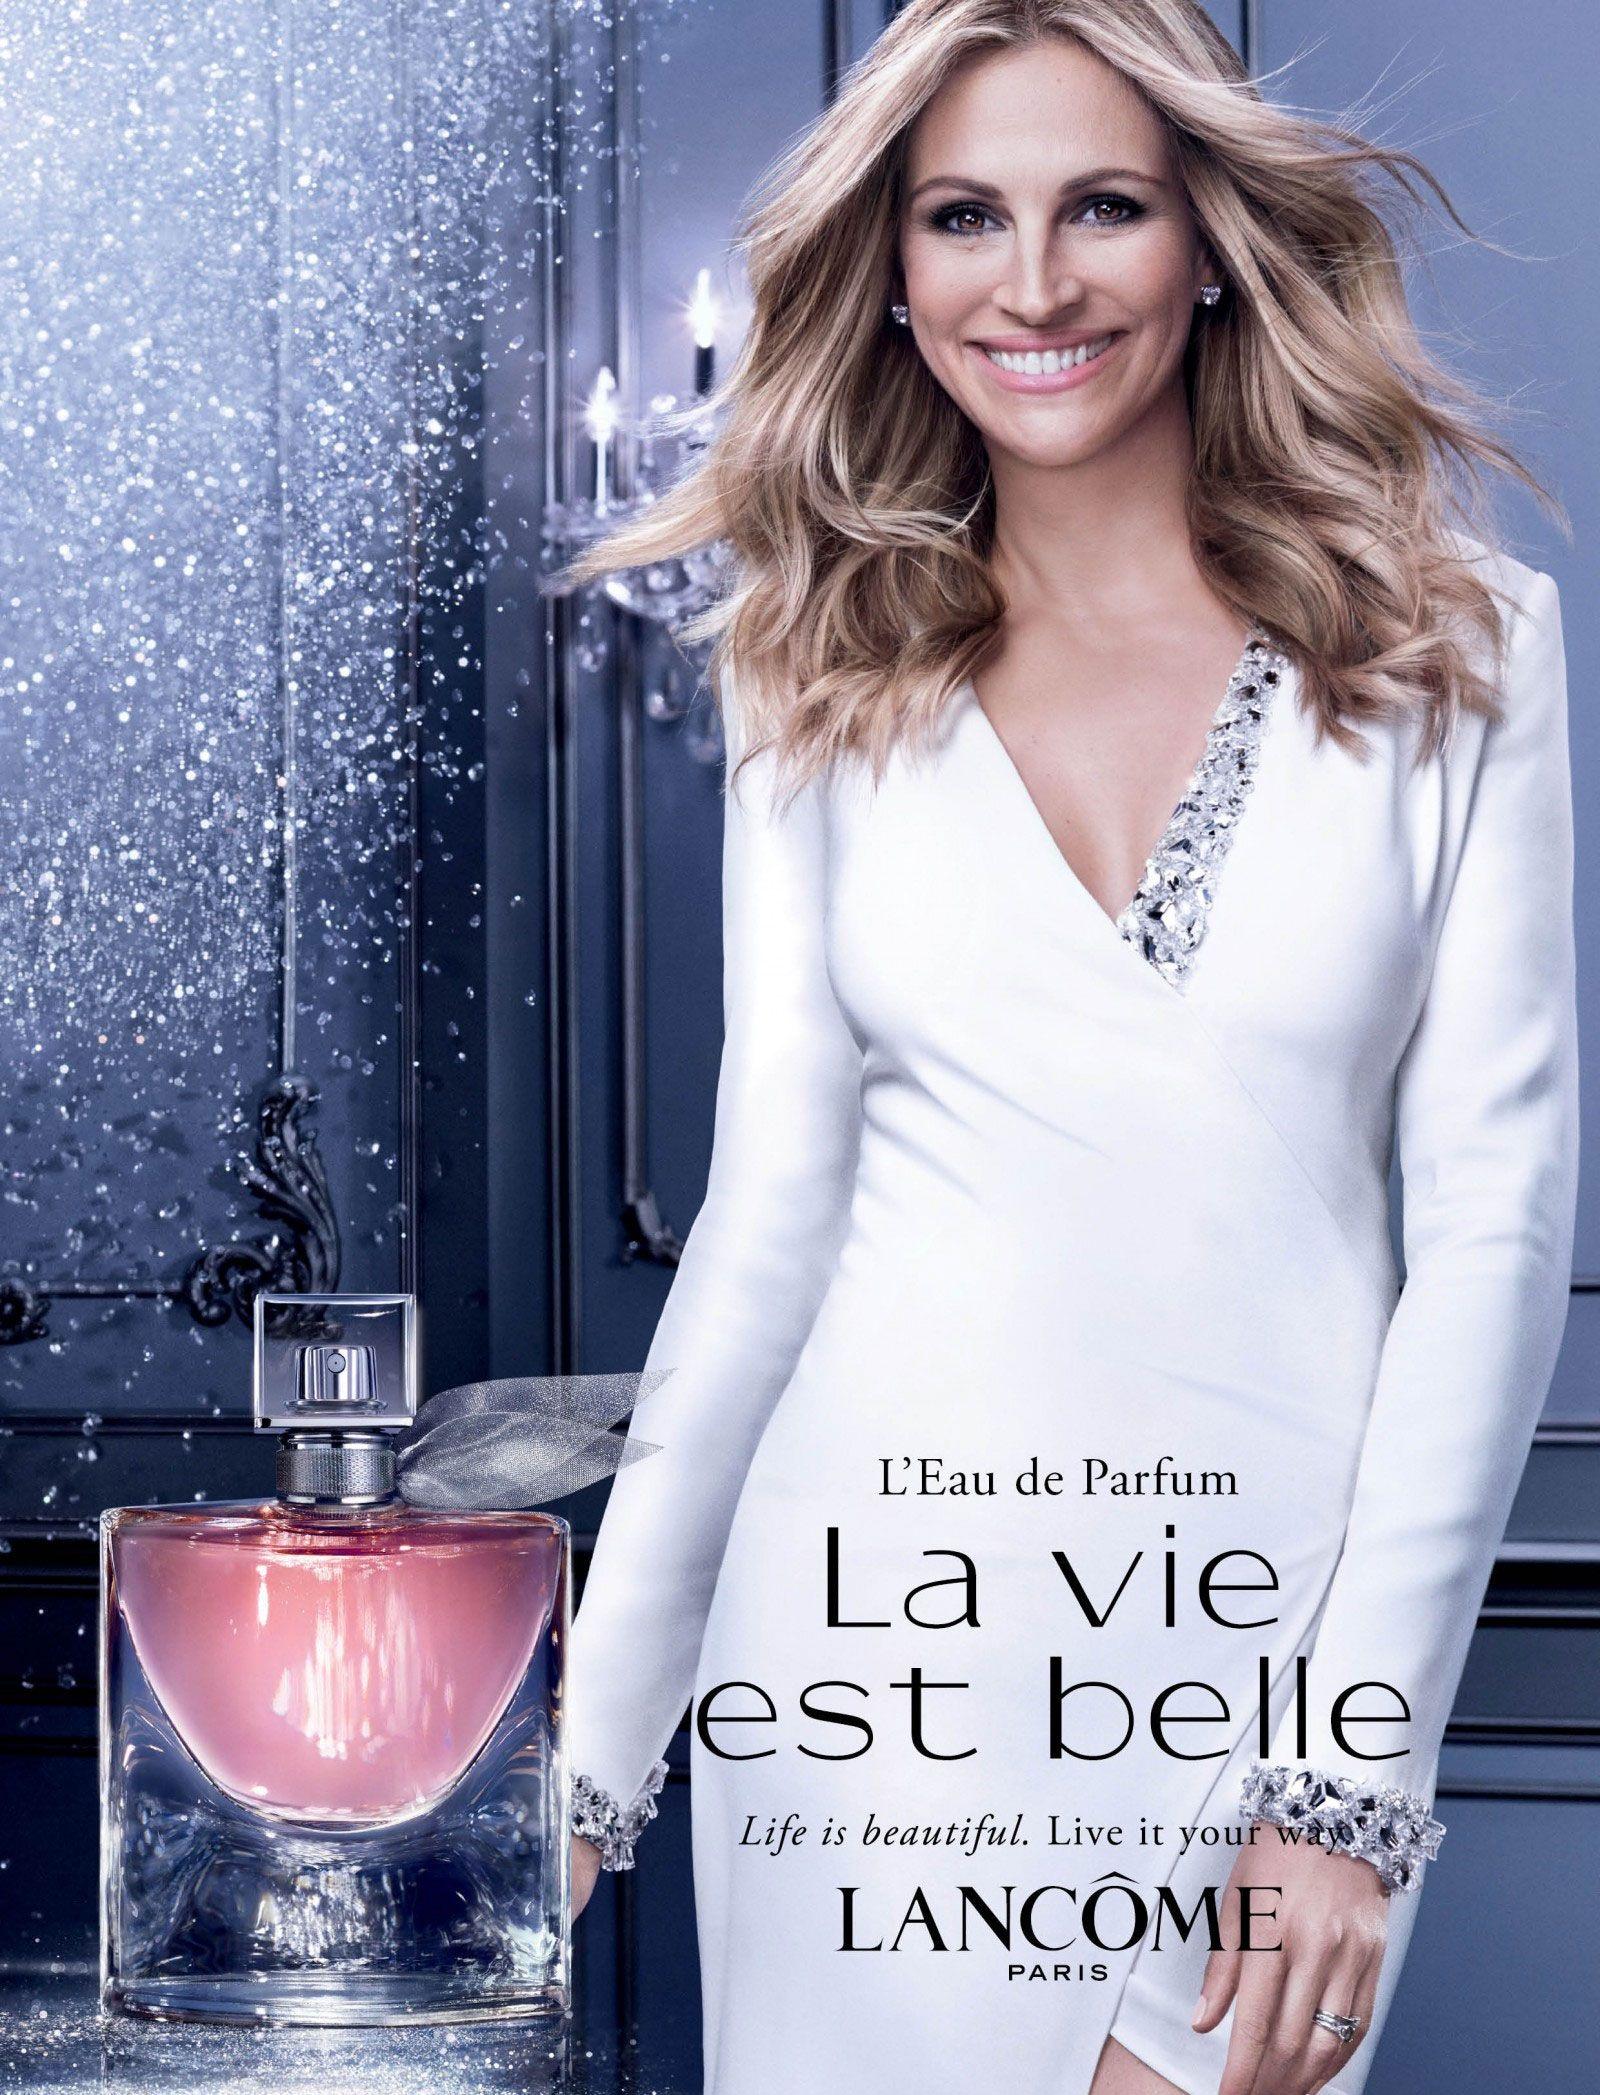 Julia Roberts Lancome Ad 2016 La Vie Est Belle L'Eau de ...